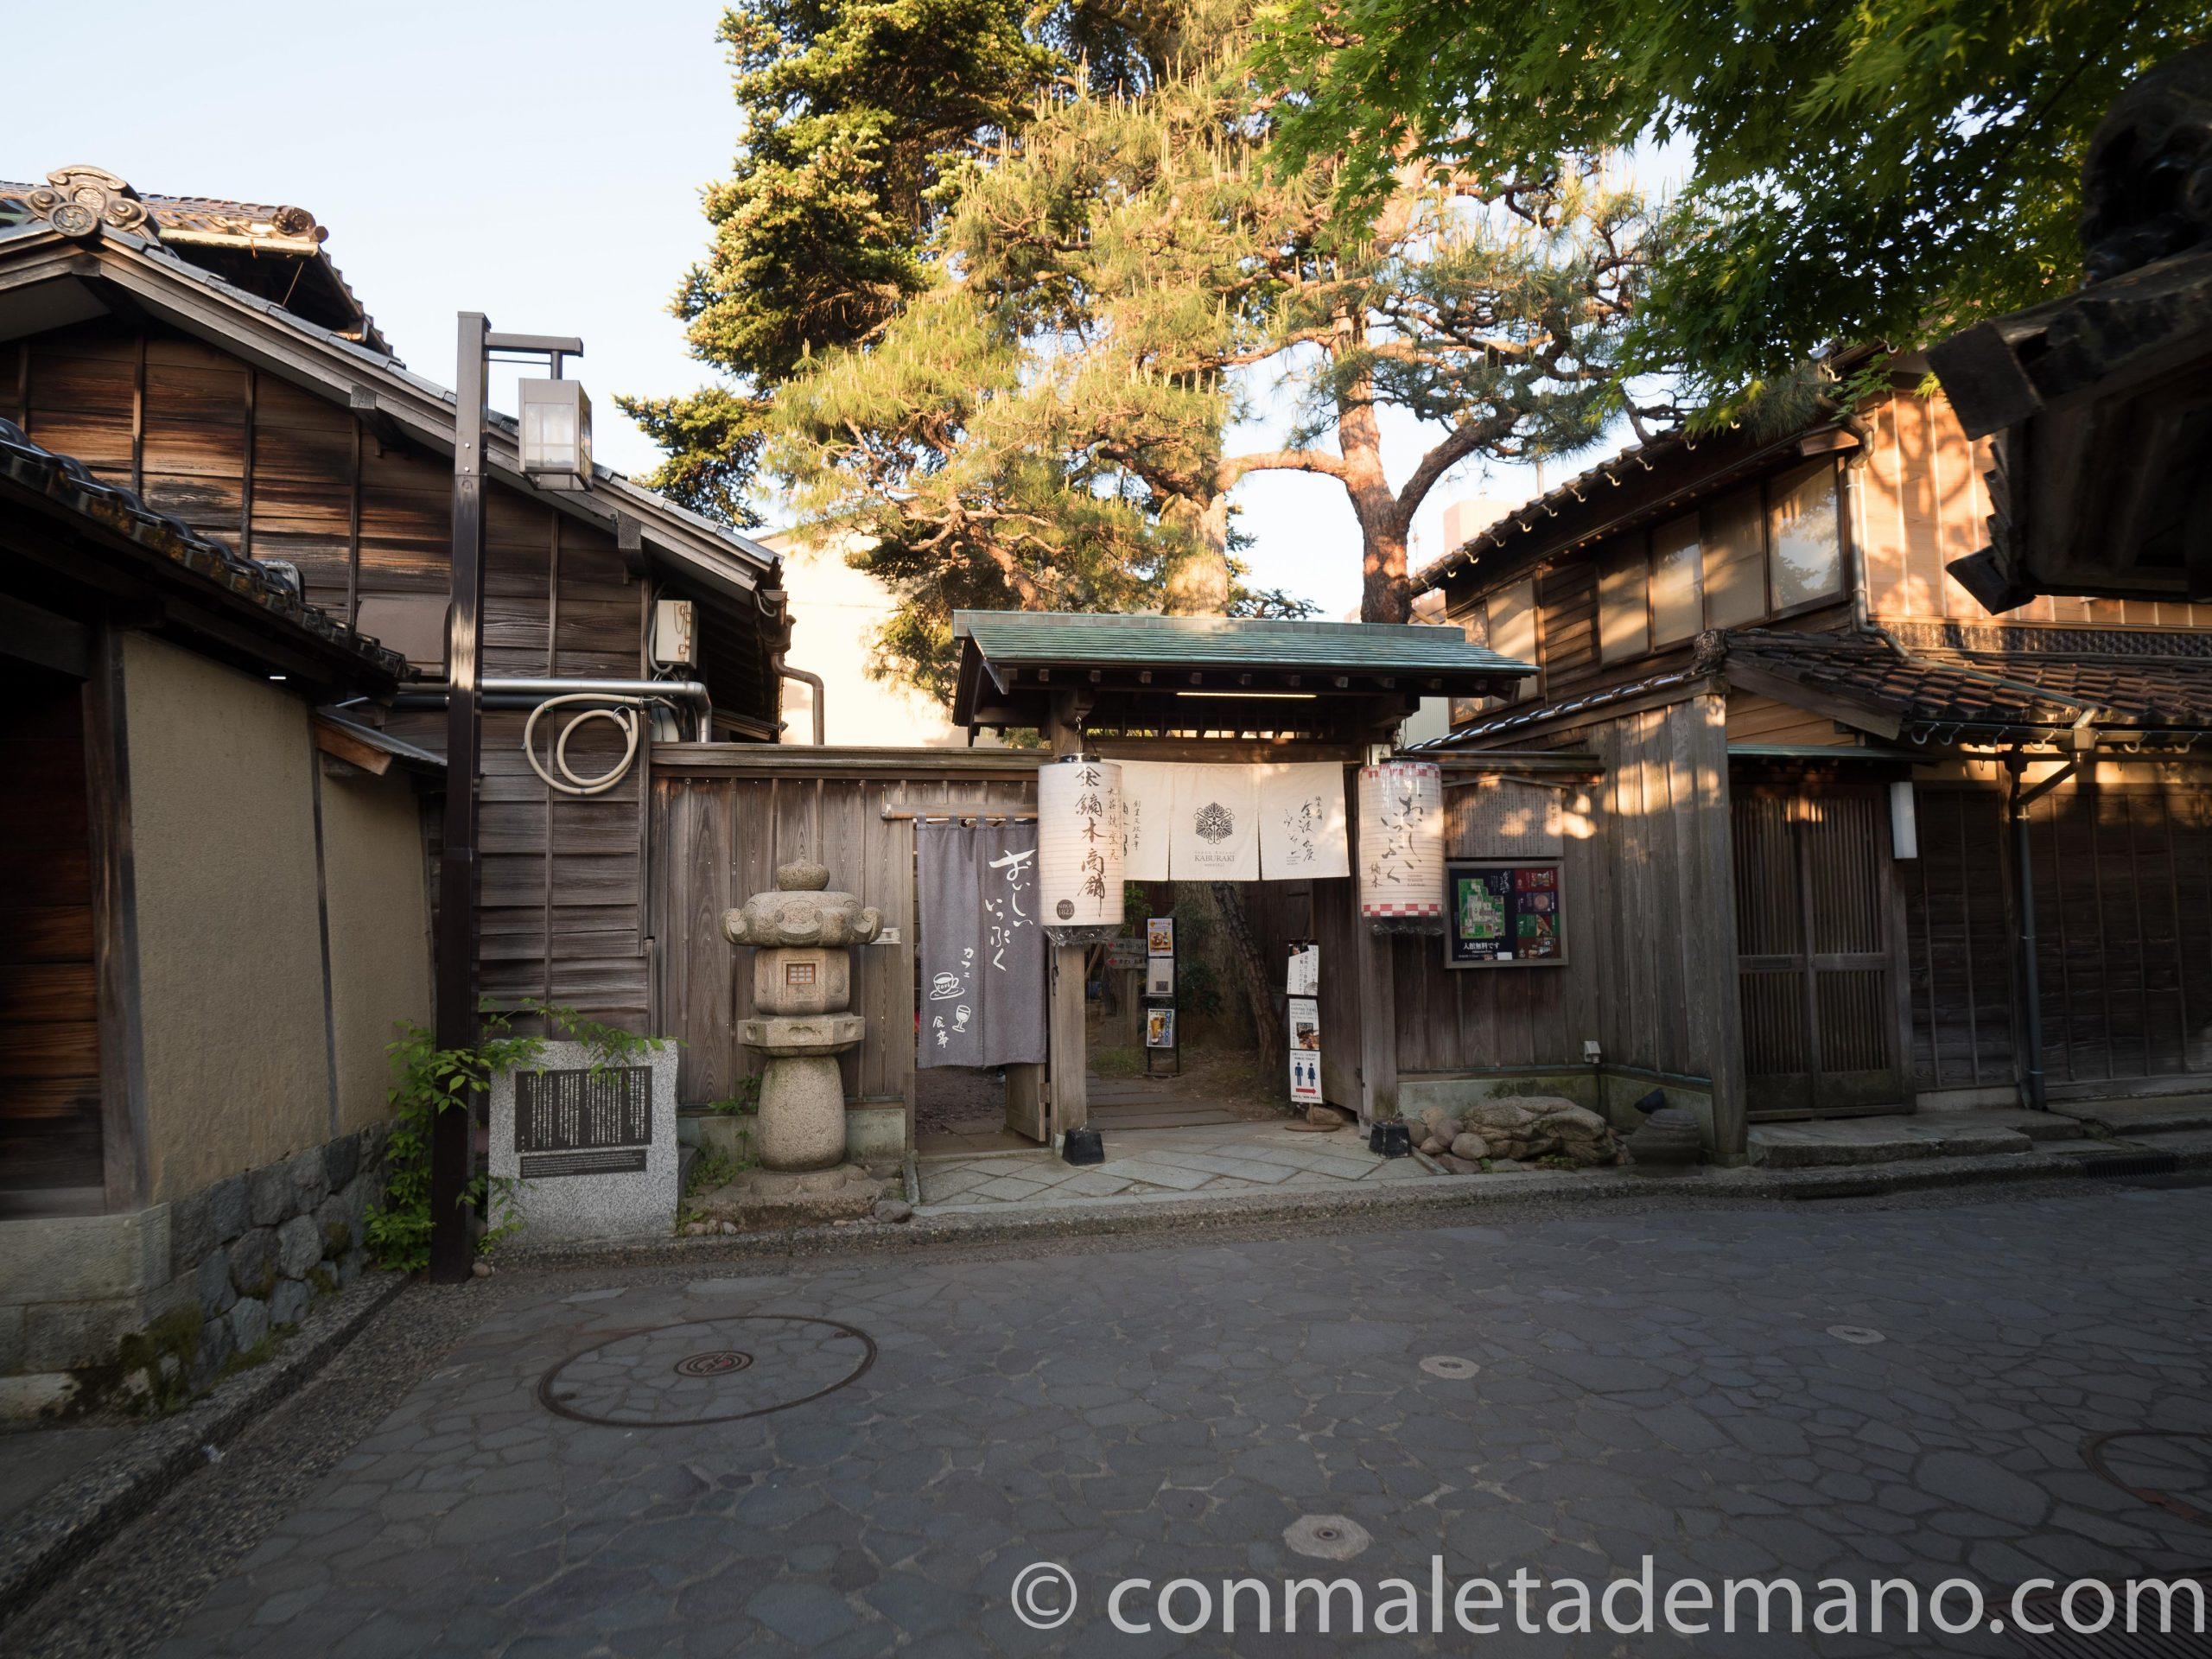 Barrio samurái